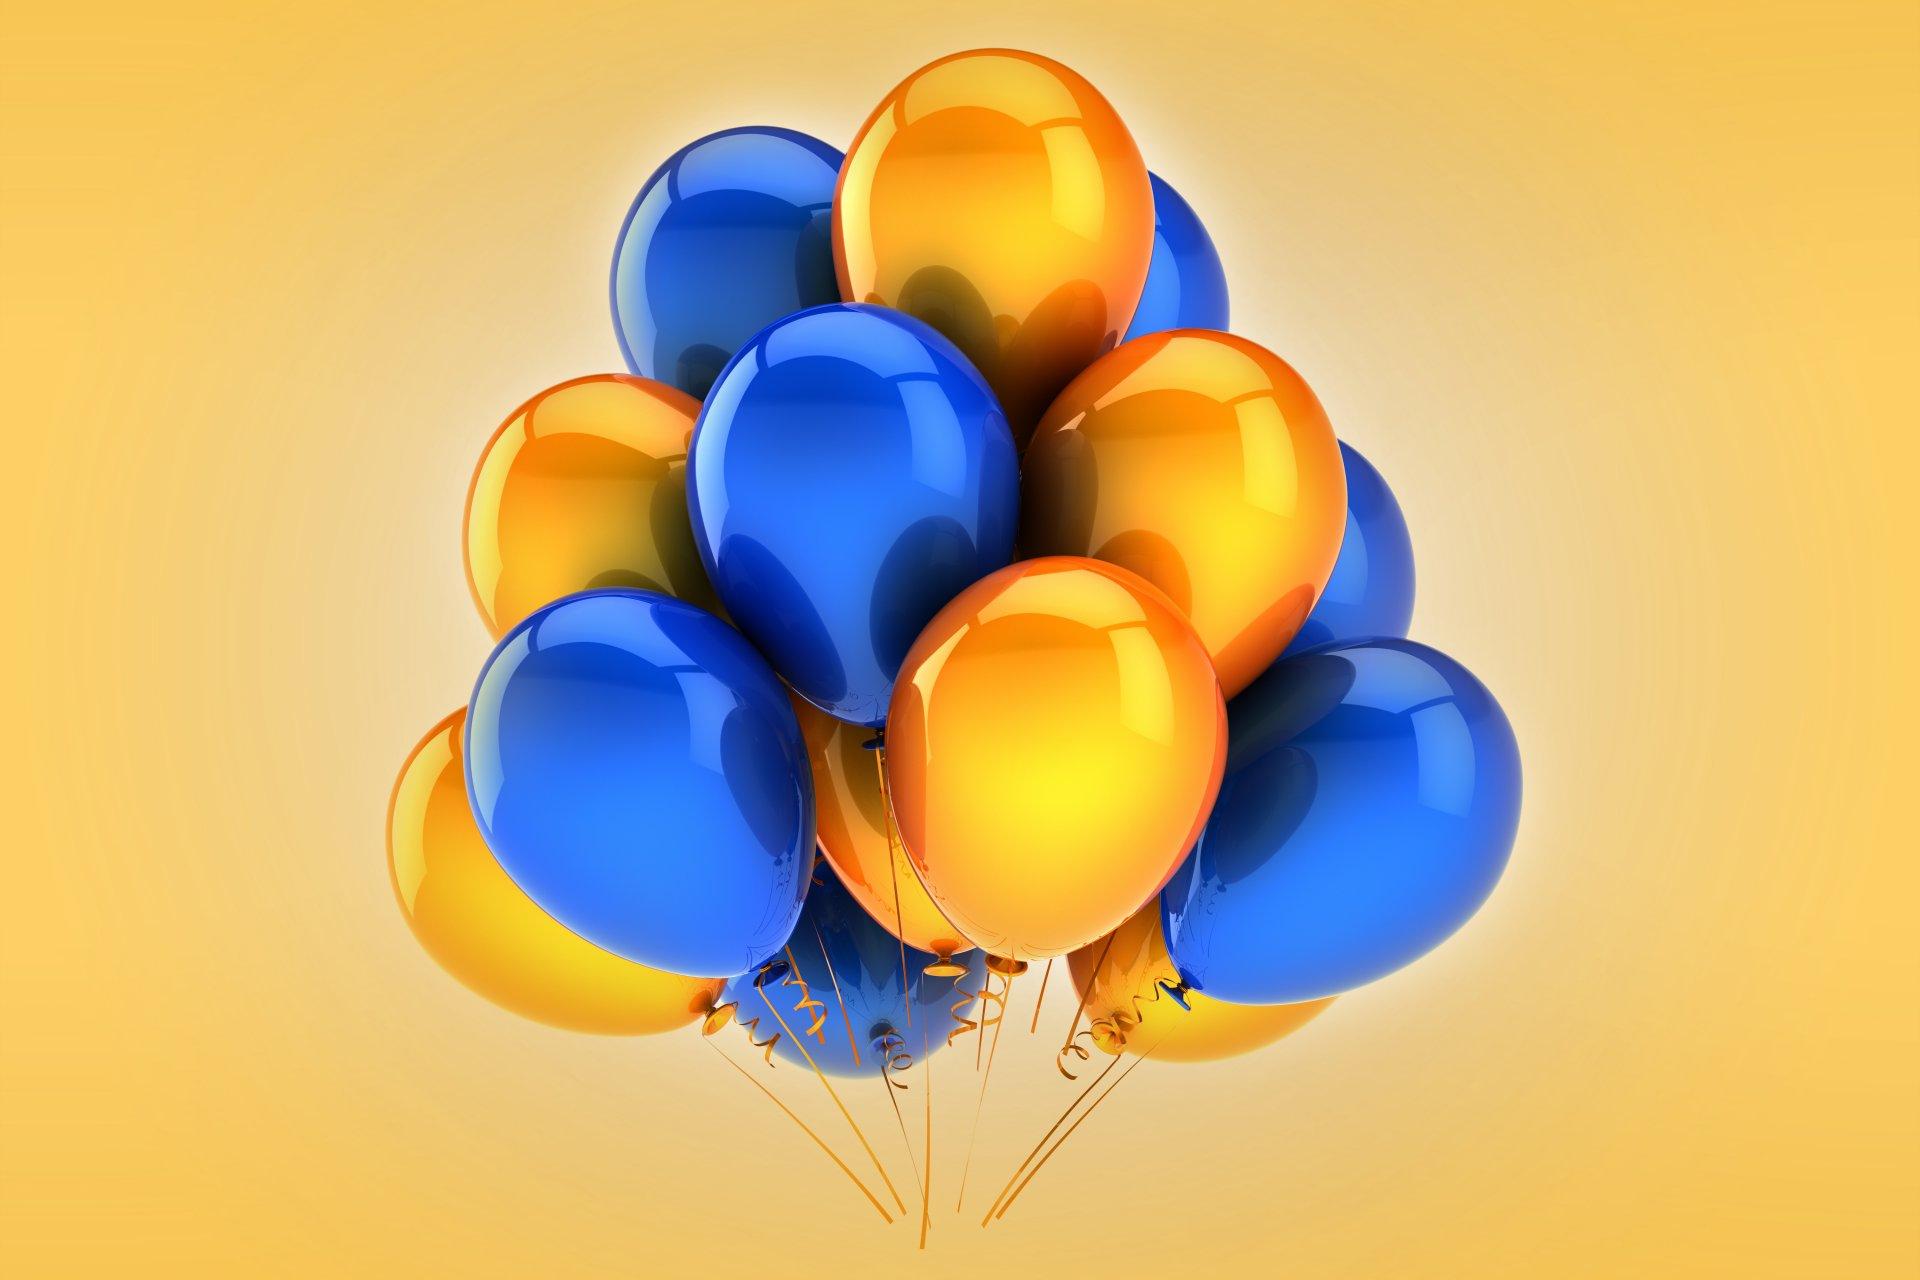 копировать синие шары с днем рождения картинки свою жизнь